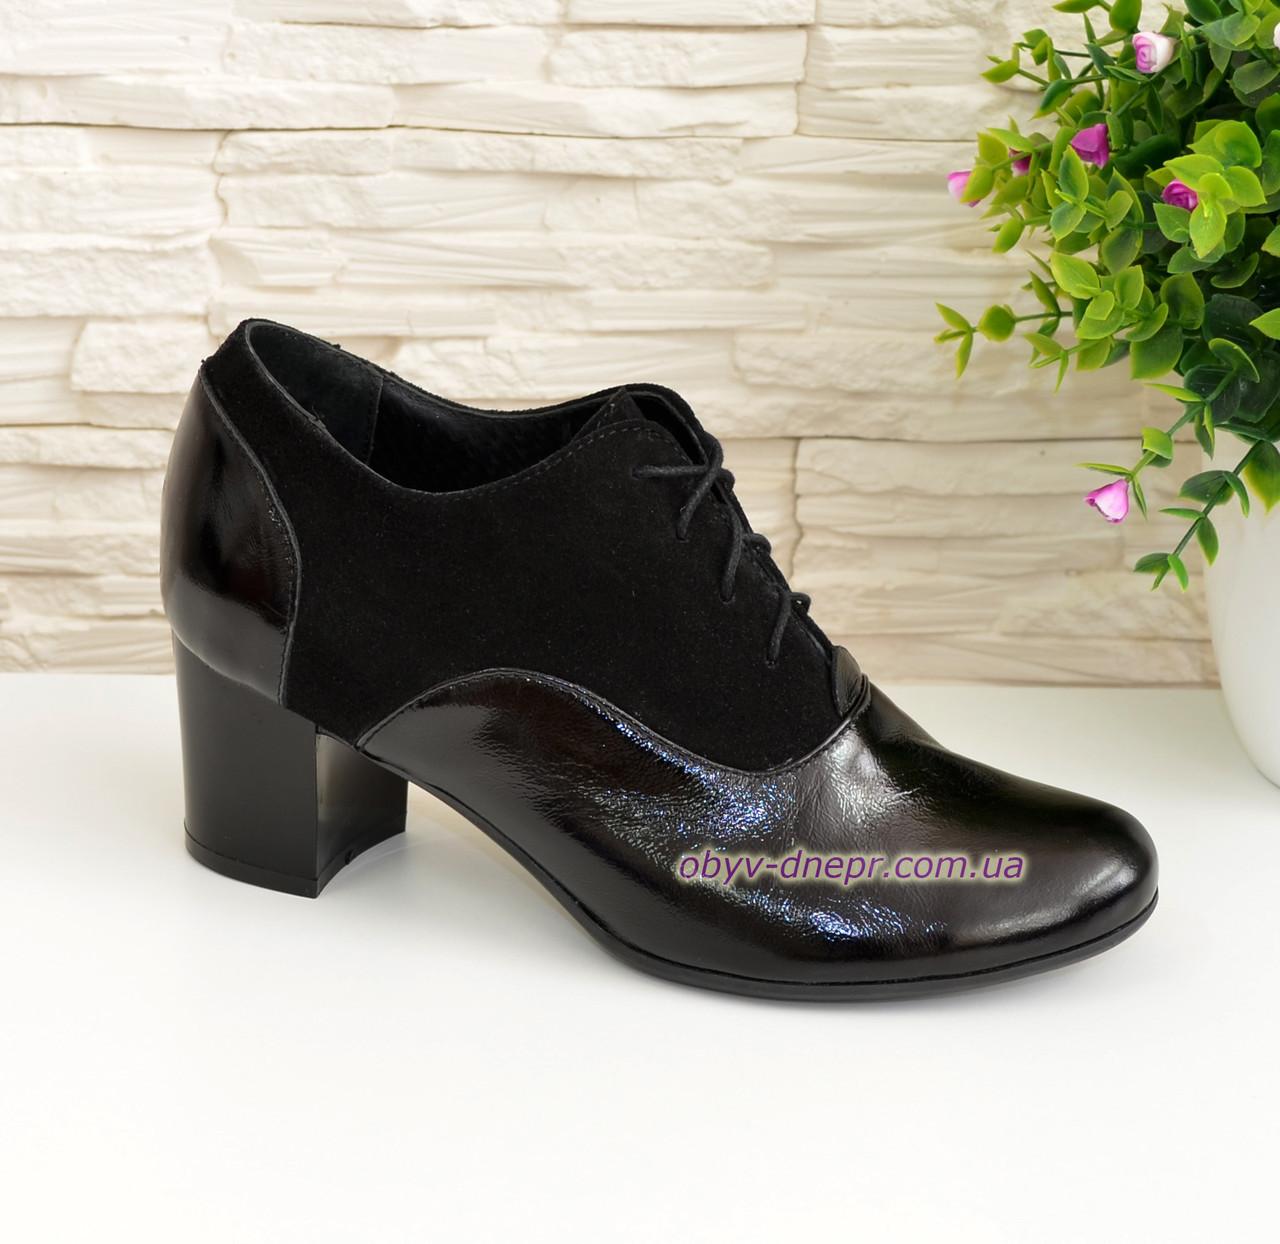 Туфли женские на устойчивом каблуке, натуральная замша и лак.